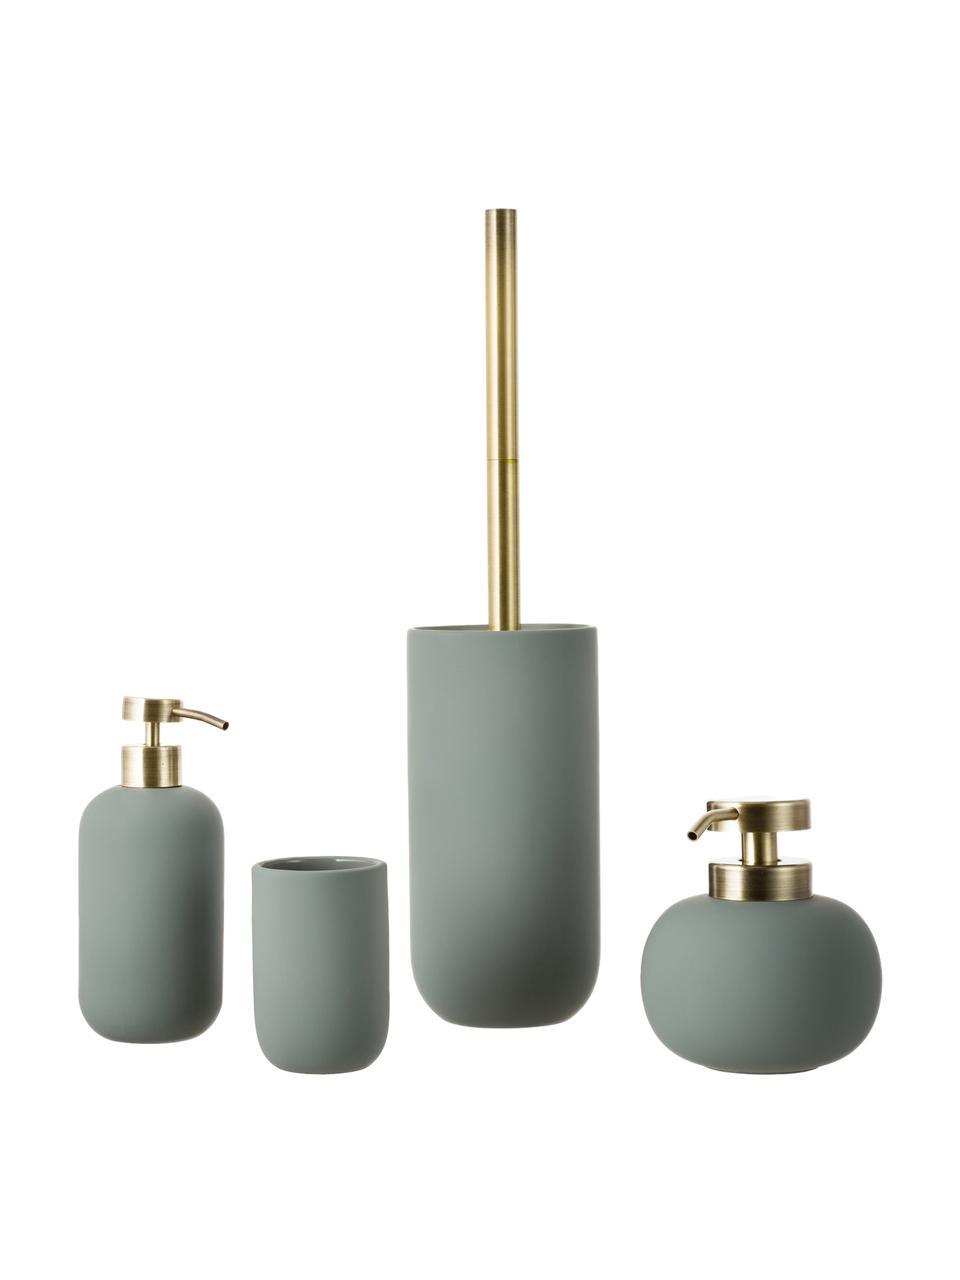 Zeepdispenser Lotus, Houder: keramiek, Pompje: metaal, Groen, messingkleurig, Ø 8 x H 18 cm